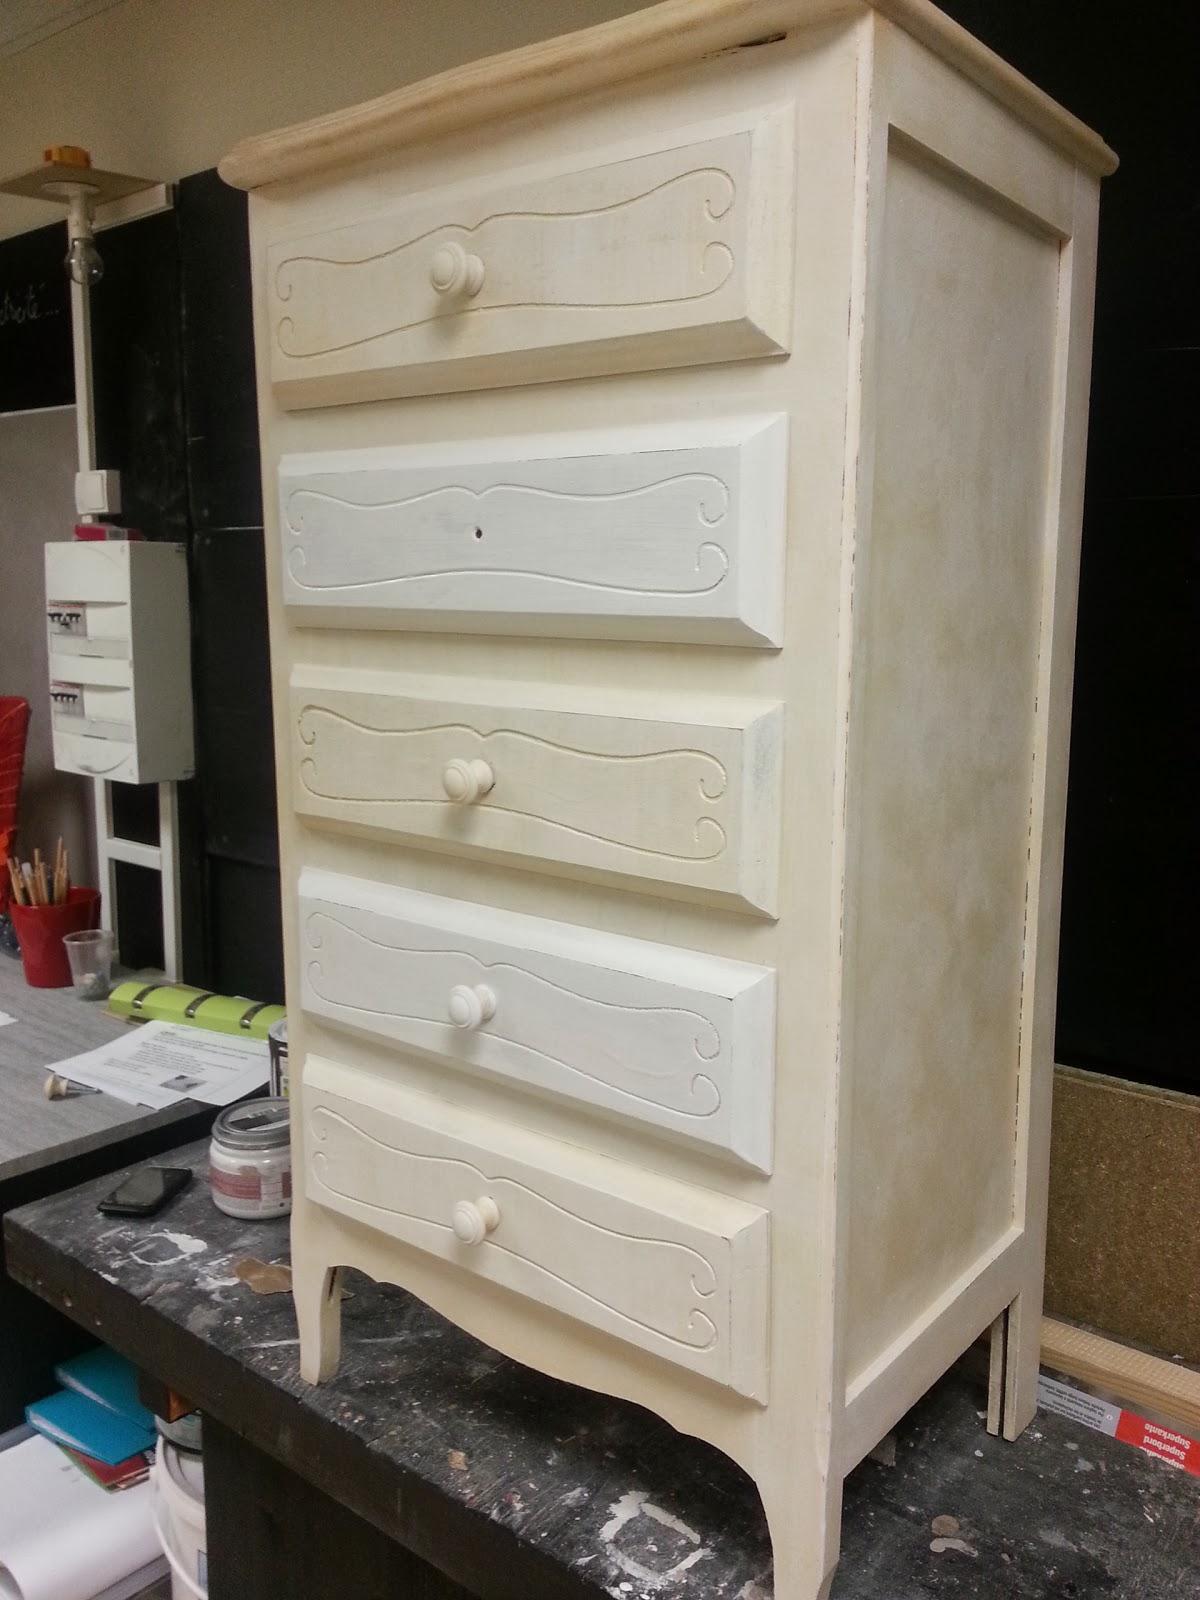 Peinture sur meuble pour un finition patin e cir e cours de for Peinture patinee